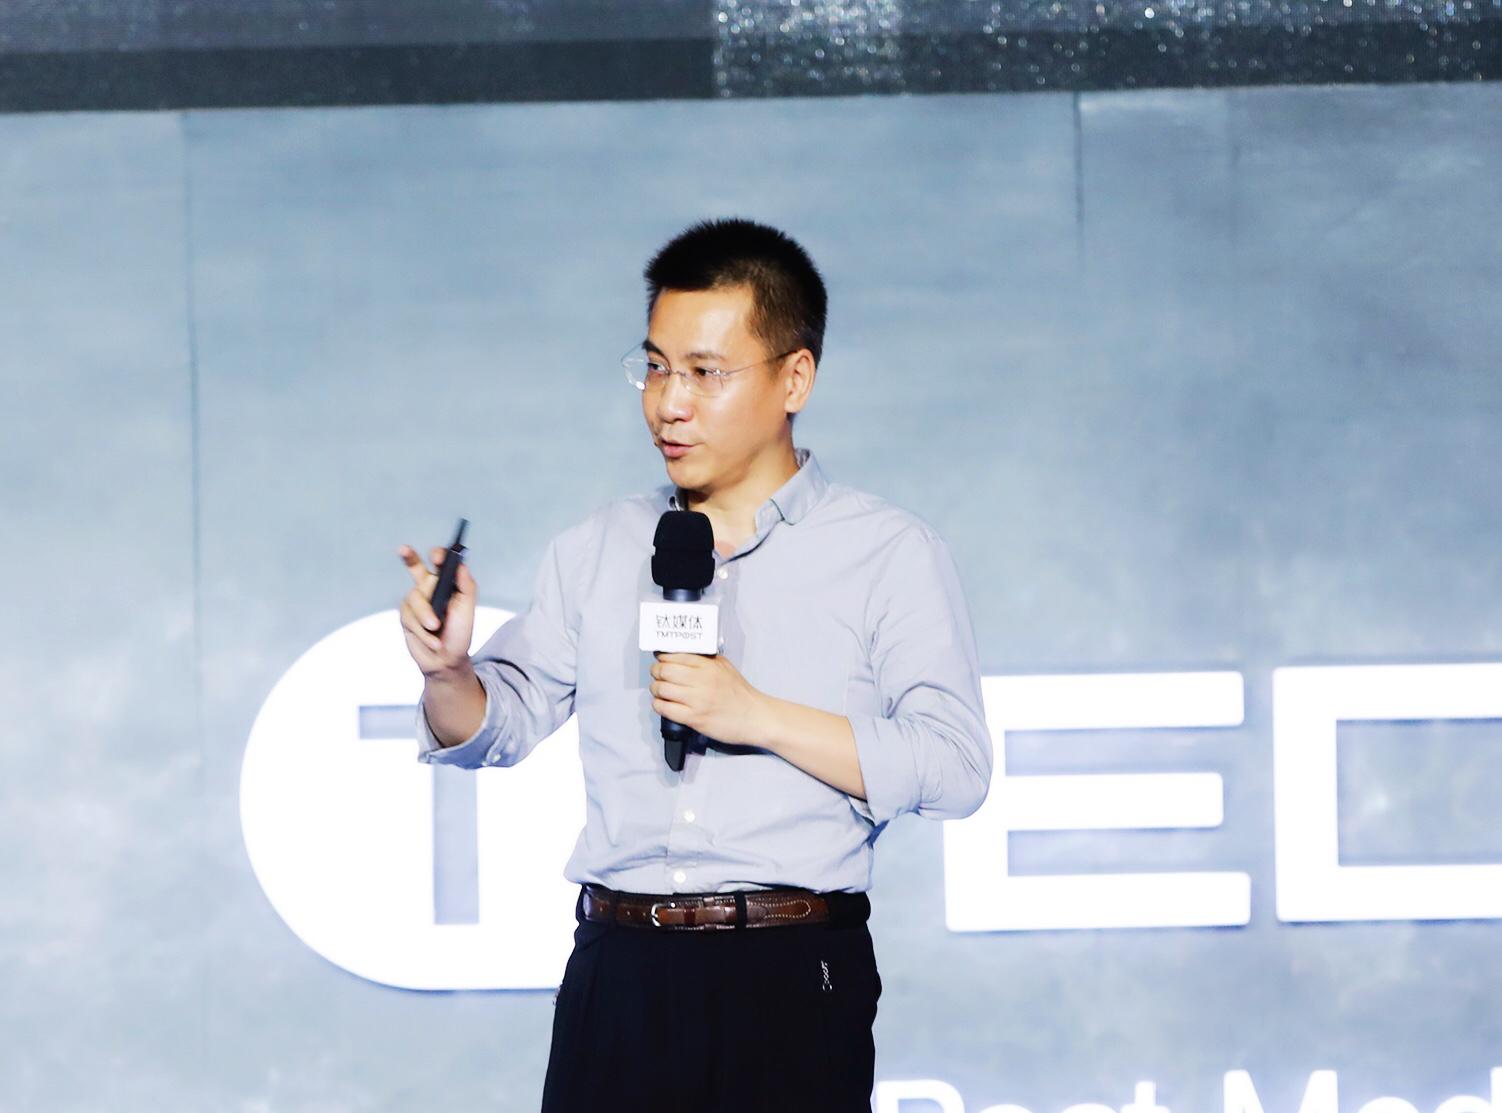 快手合伙人、首席内容官曾光明在2017钛媒体T-EDGE科技生活节